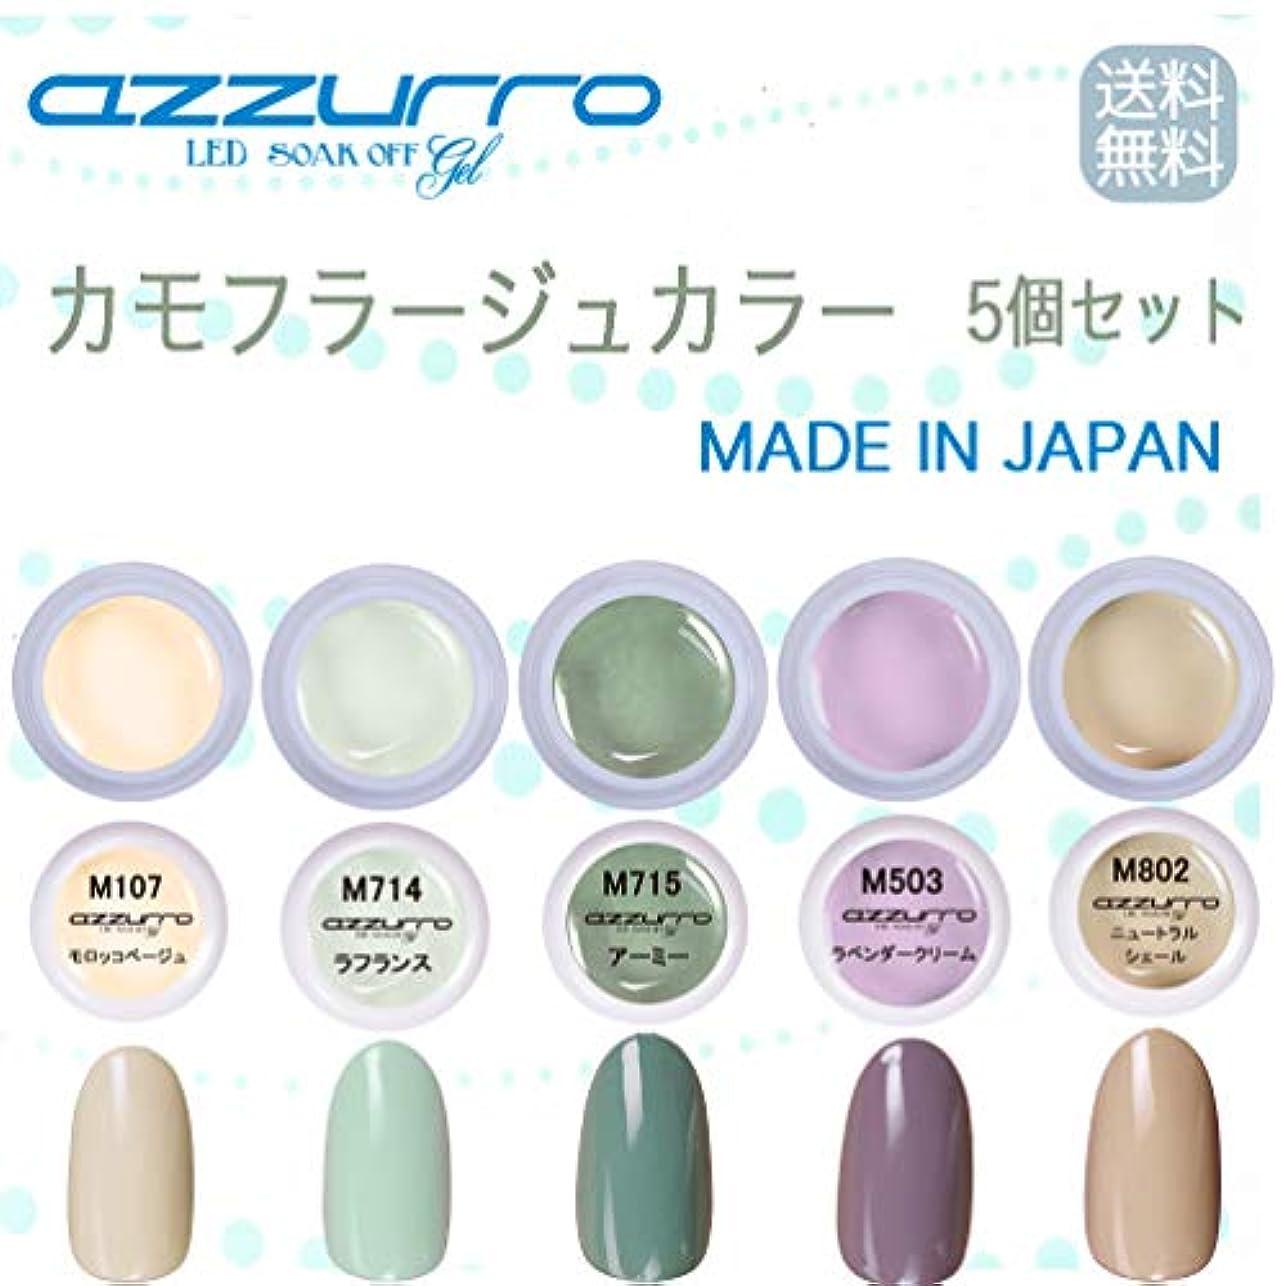 製作なんとなく重要な【送料無料】日本製 azzurro gel カモフラージュカラージェル5個セット 春にピッタリでクールなトレンドカラーのカモフラージュカラー